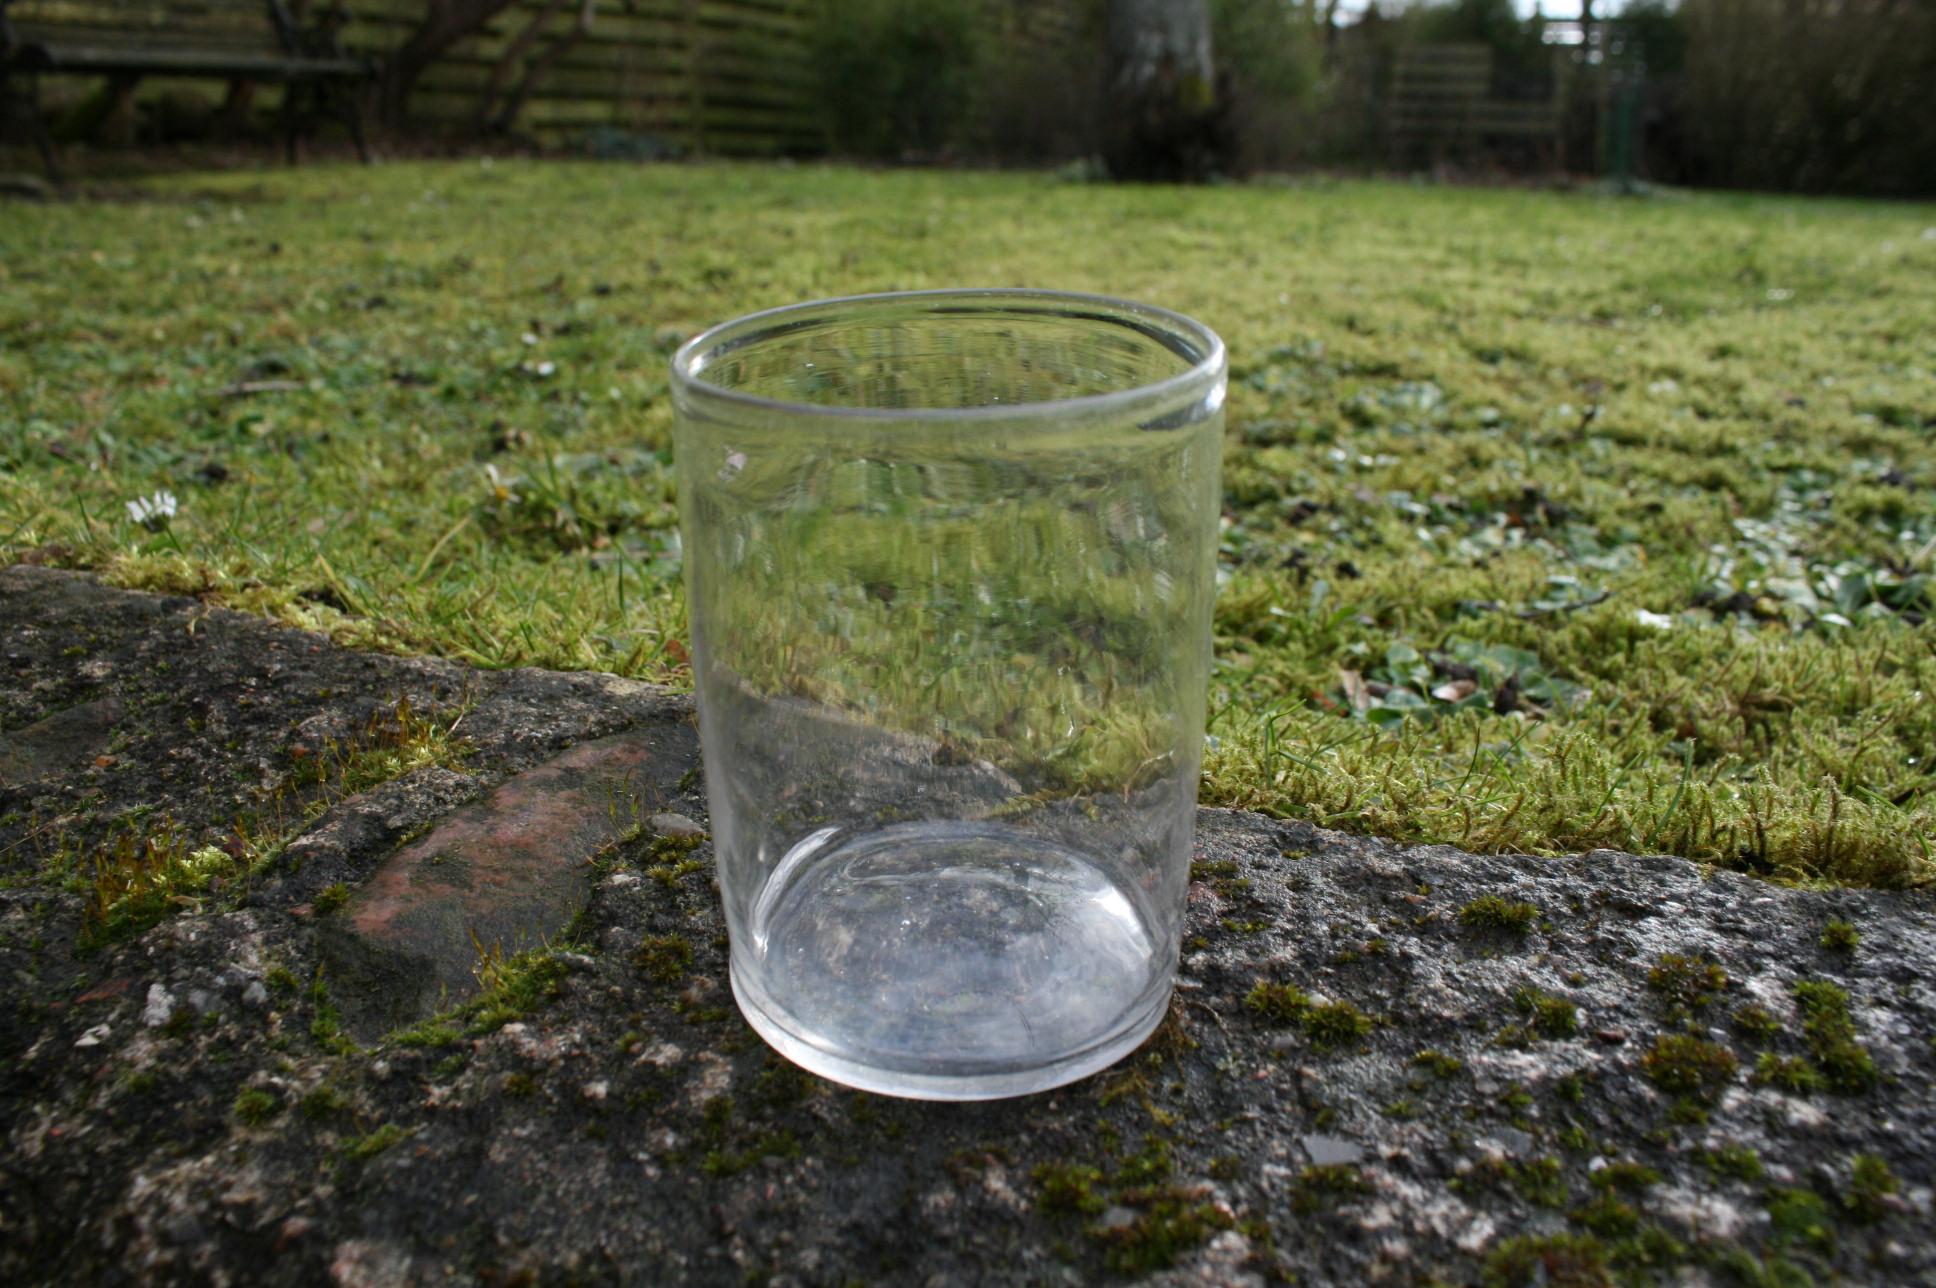 Antikt vandglas fra sverige lige sider.